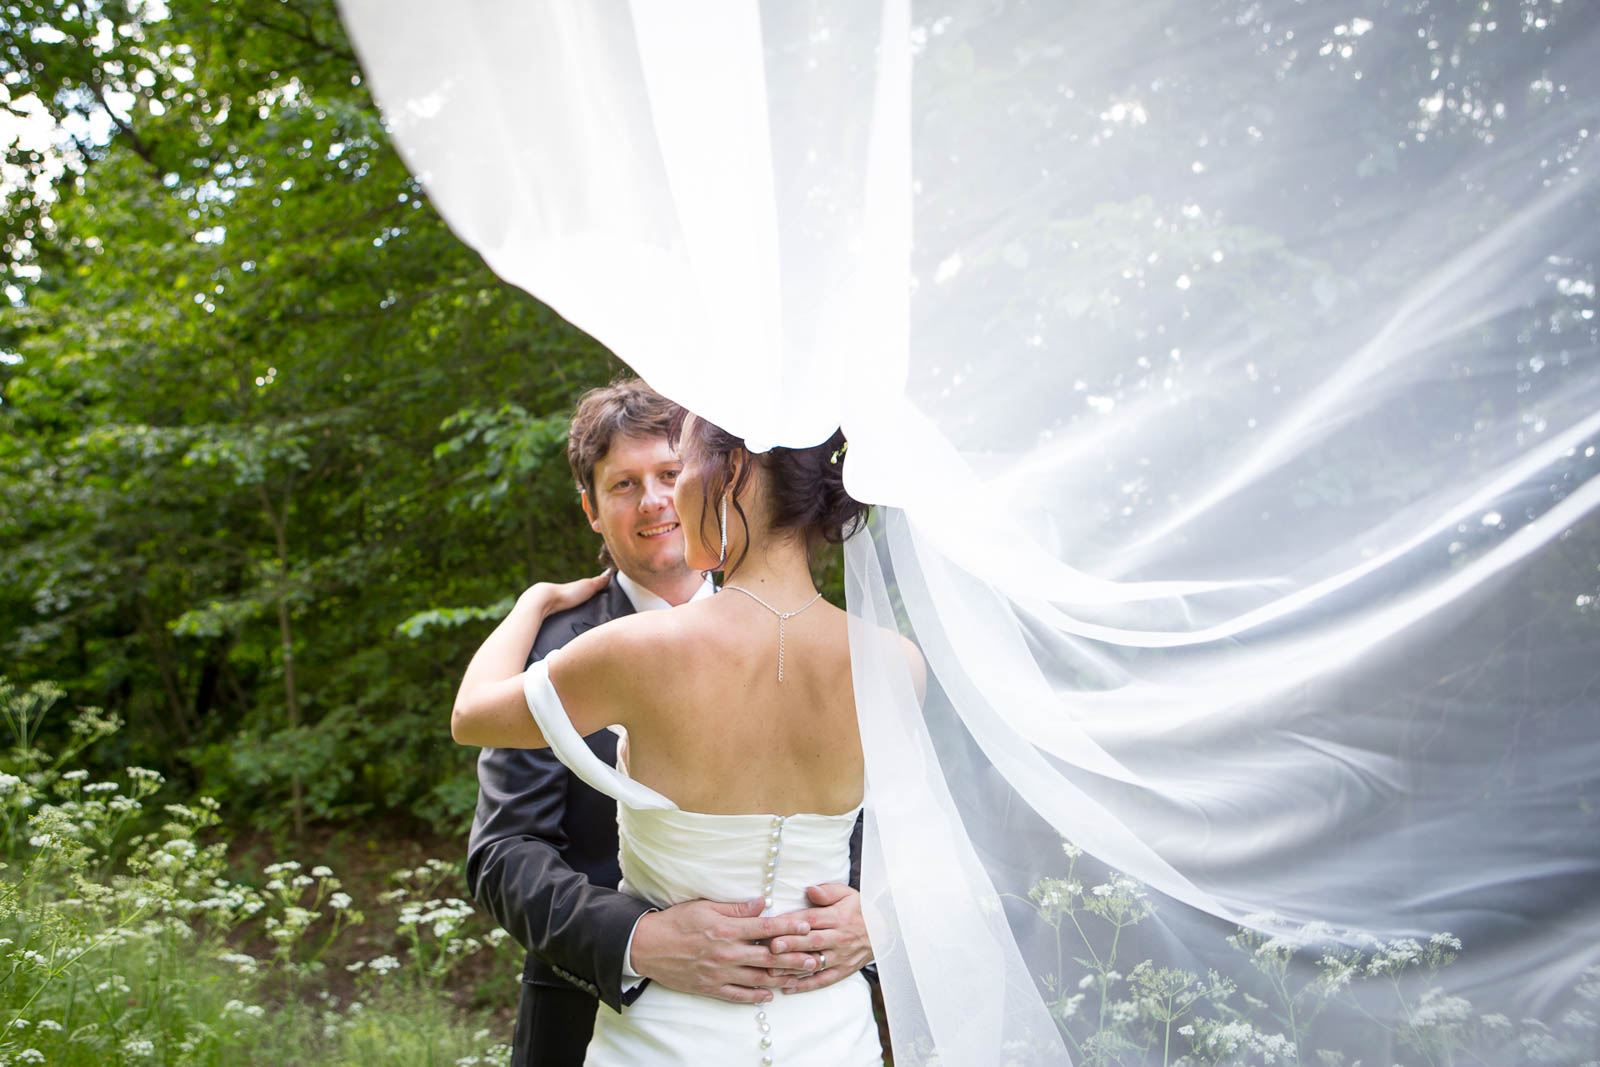 Svatební-fotografie-Mirka-a-Petr-svatební-fotograf- svatebni-kameraman-studio-Beautyfoto-Jižní-Čechy-Zvíkov-Orlík-svatební-videobeautyfoto-67